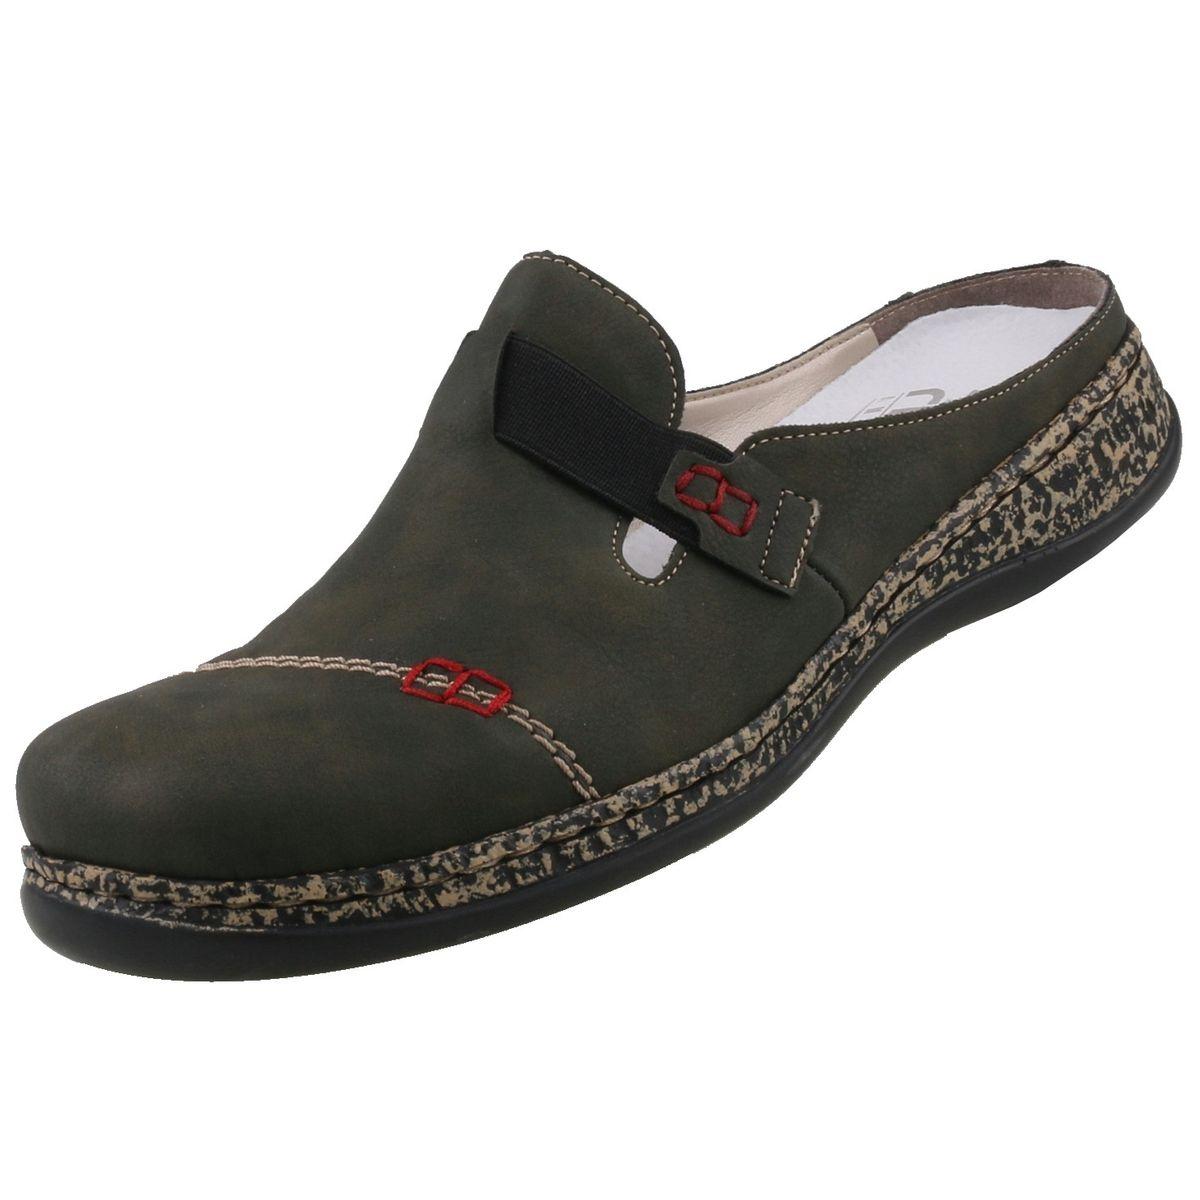 Details zu NEU Rieker Damenschuhe Schuhe Clogs Sandalen Hausschuhe Sneaker Pantoletten